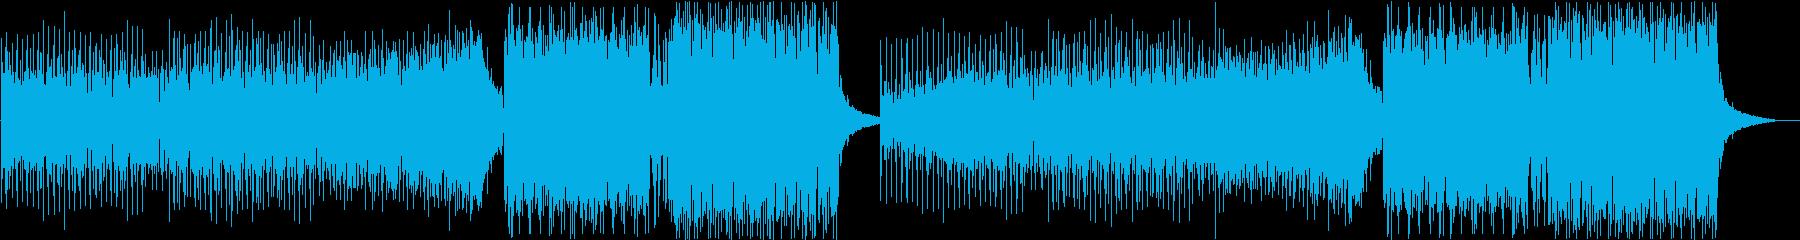 カッコイイEDMの再生済みの波形